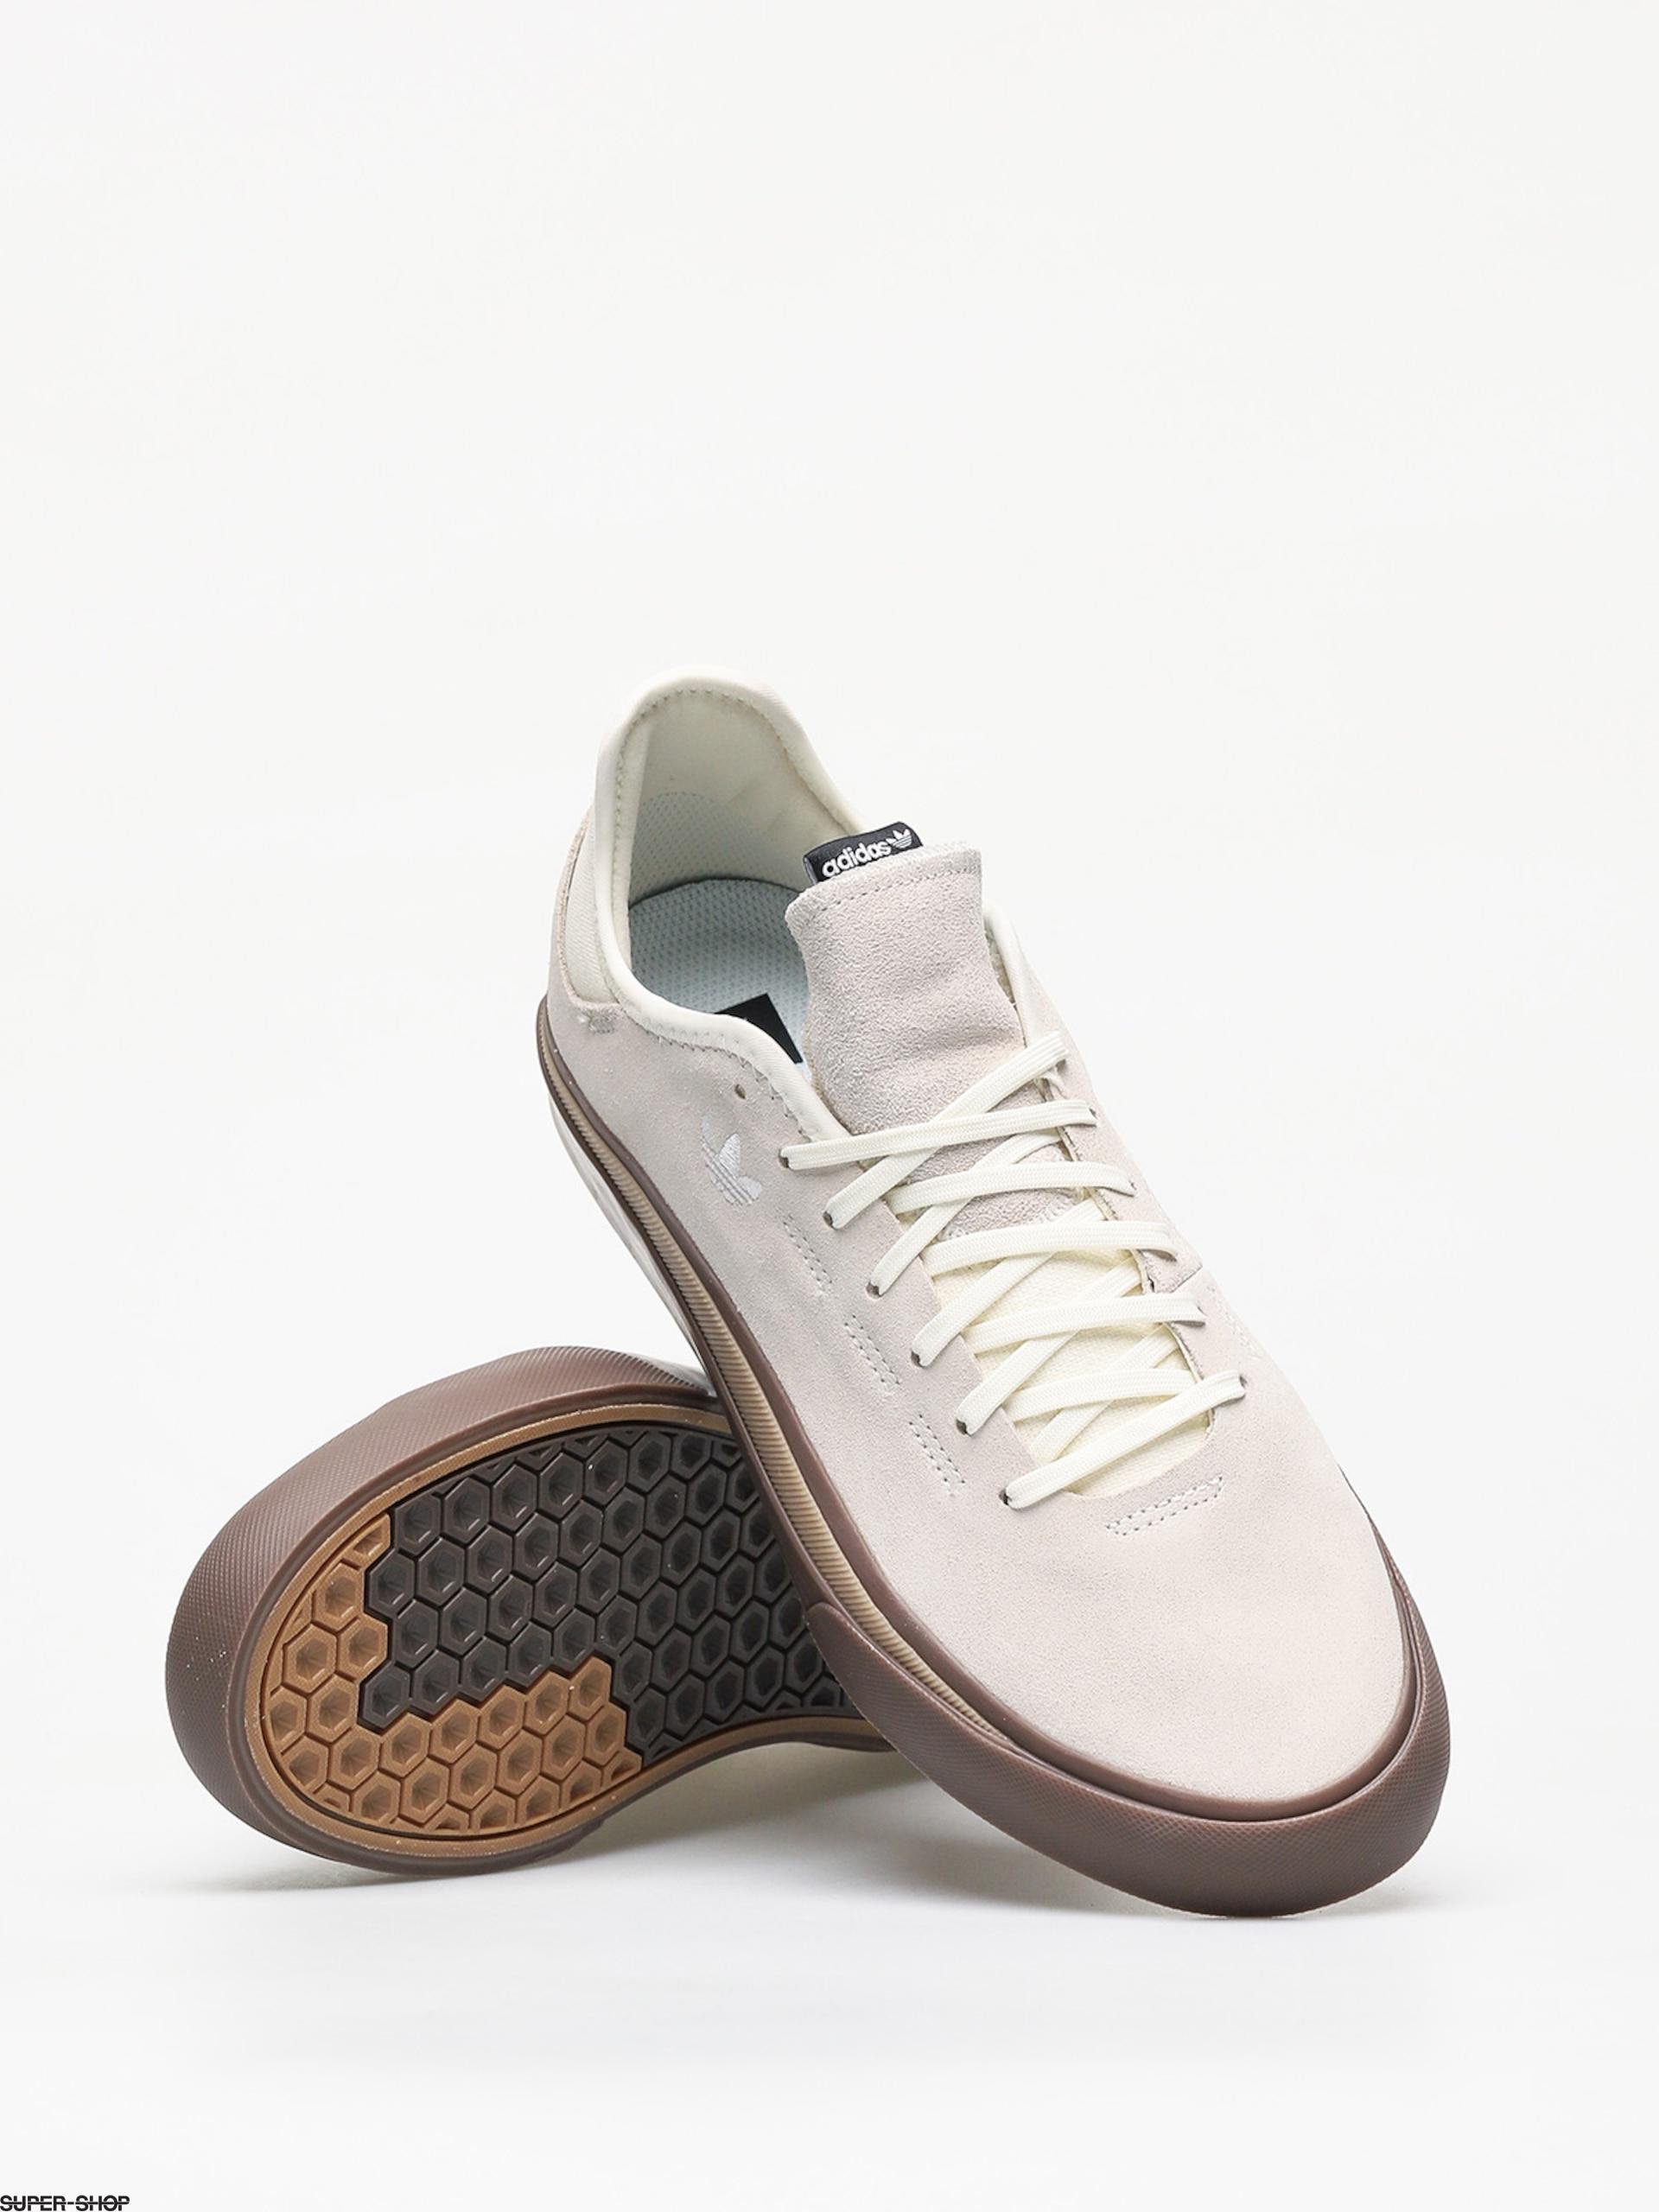 innovative design adaac 6f1f6 adidas Sabalo Shoes (owhite gum4 gum5)